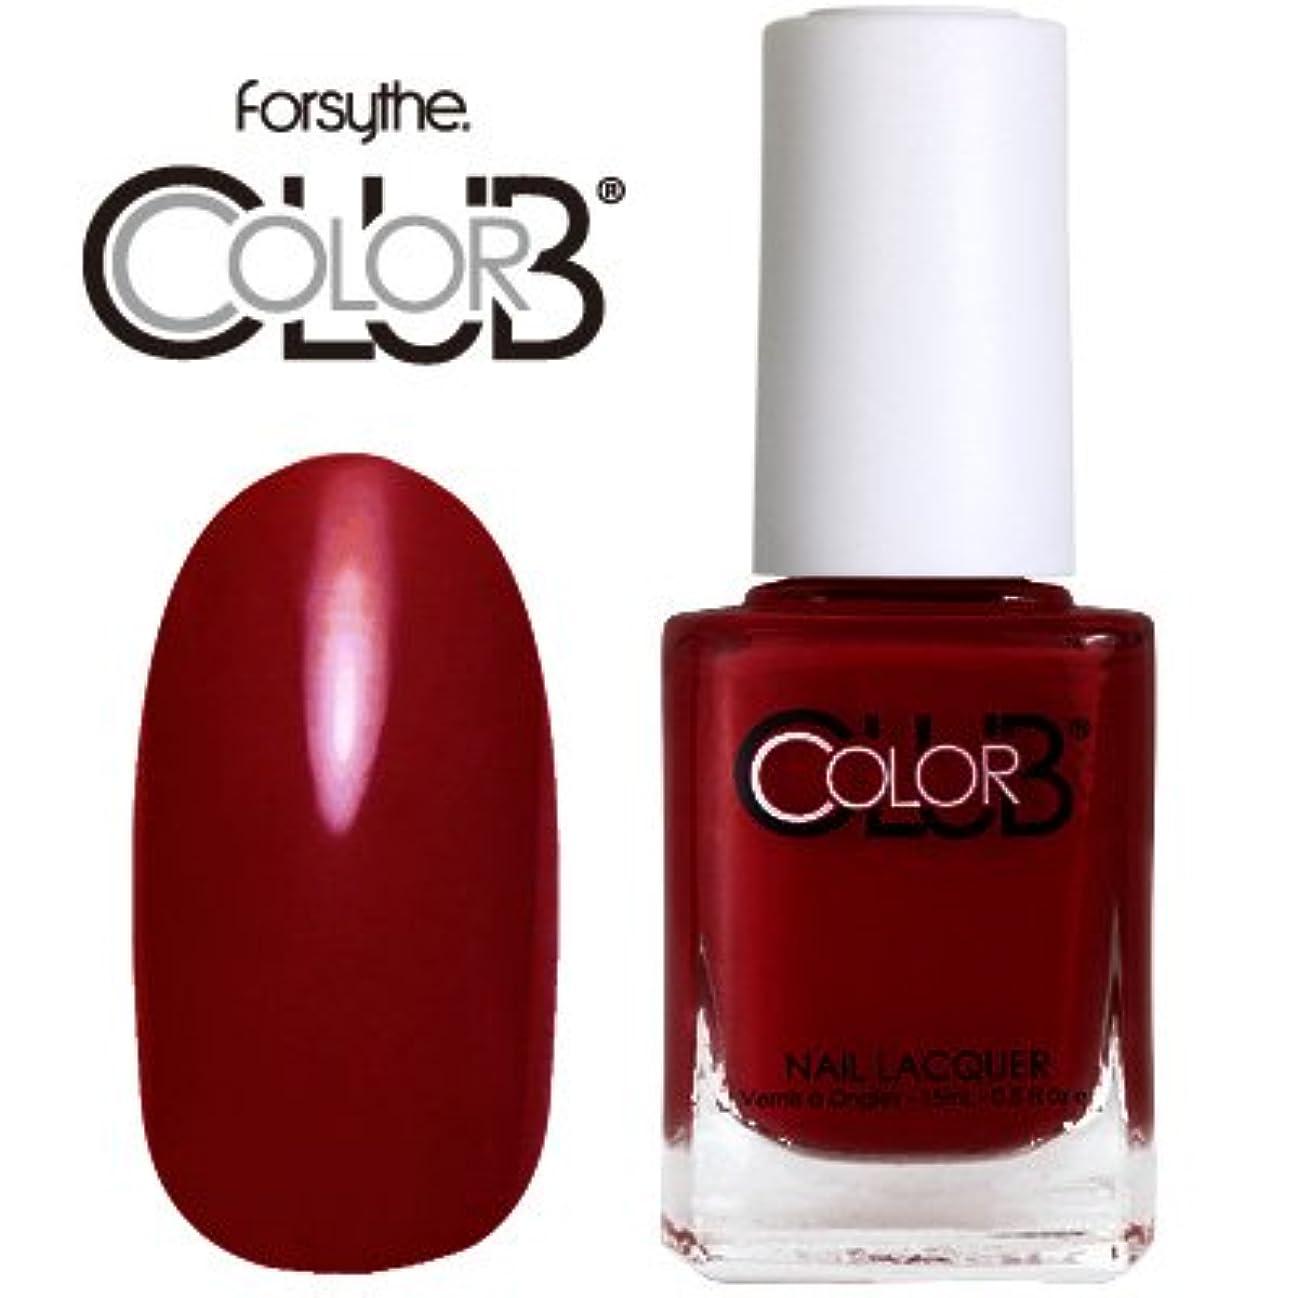 贅沢な高揚した居眠りするフォーサイス カラークラブ 920/Red-ical Gypsy 【forsythe COLOR CLUB】【ネイルラッカー】【マニキュア】